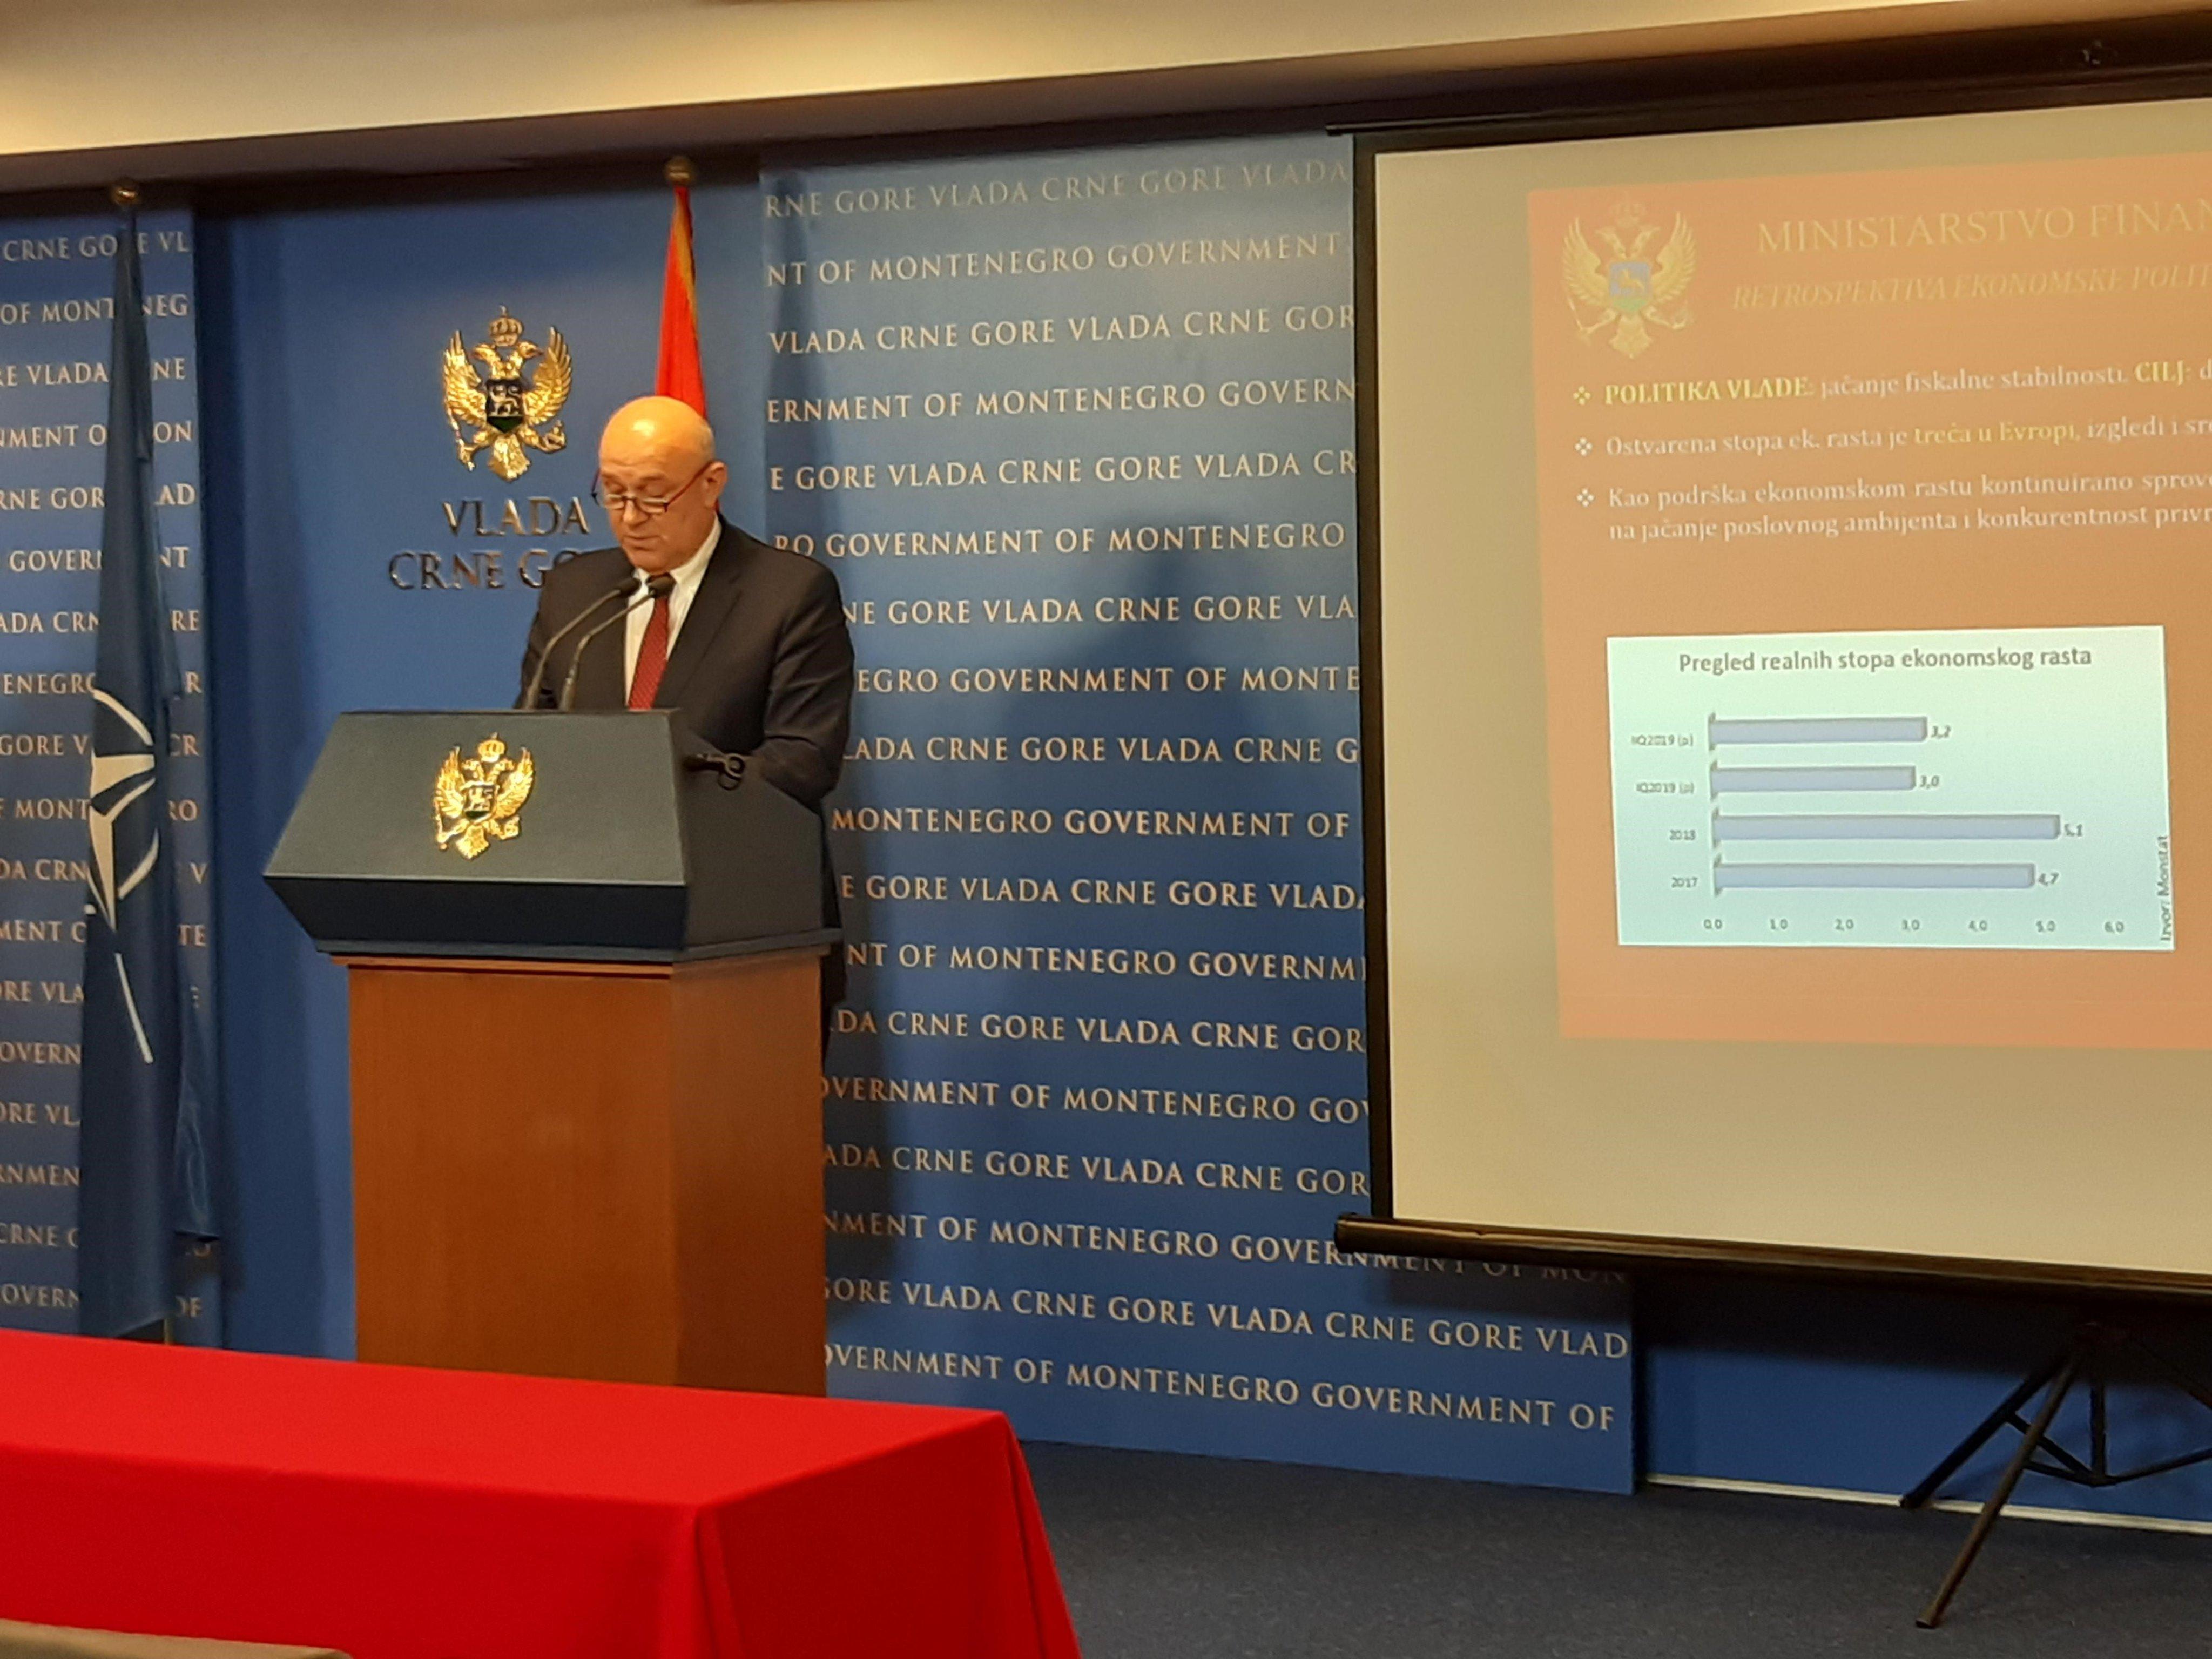 Budžet za 2020: Za Montenegro Airlines 21 milion eura